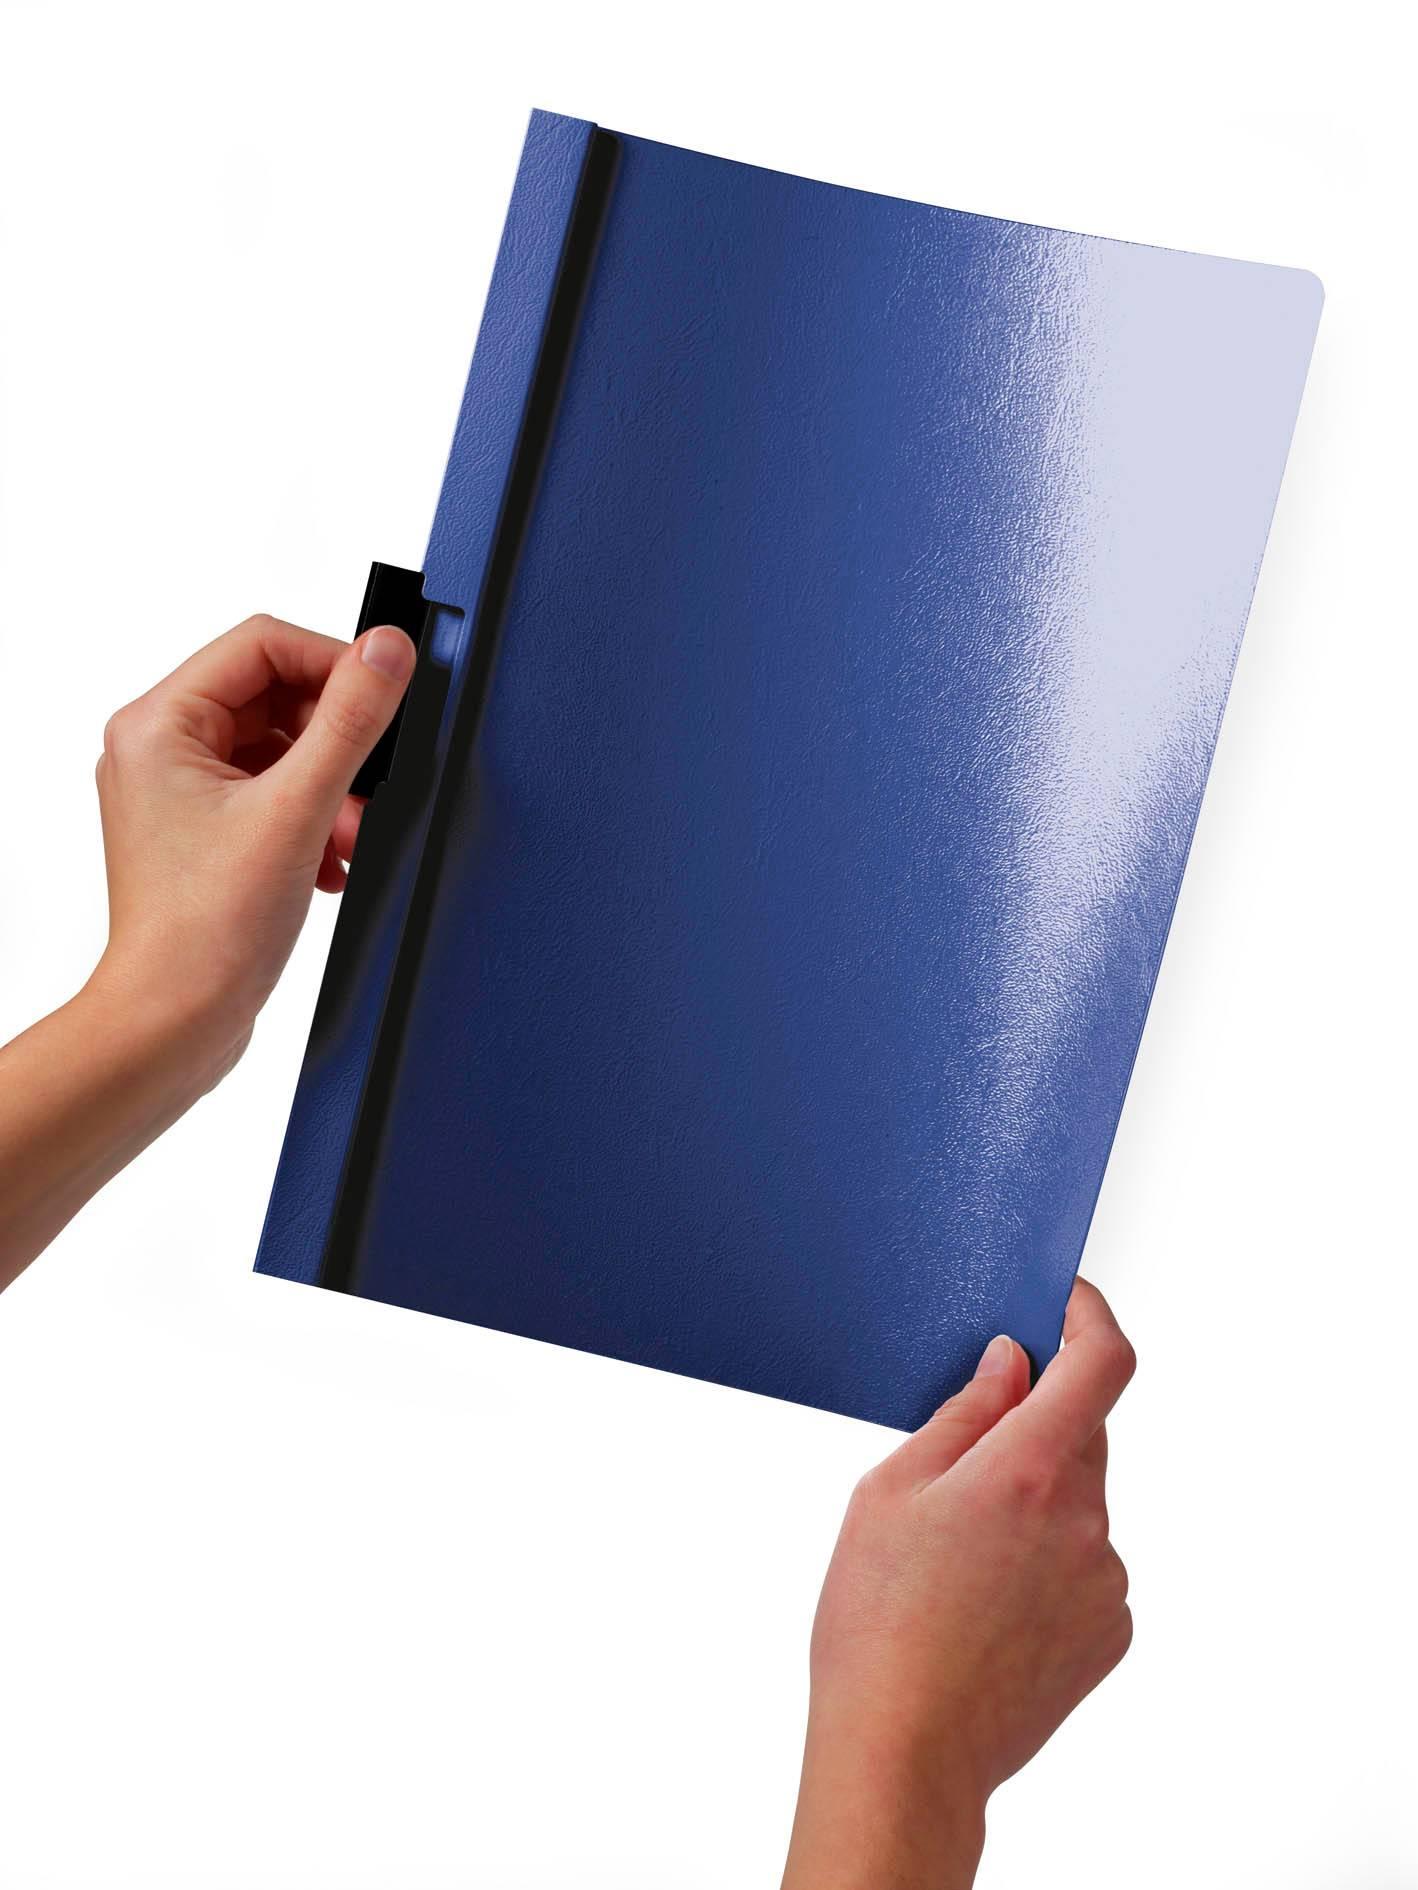 Папка-клип Durable Duraclip 60 с верхним прозрачным листом 1-60 листов голубая - фото 1